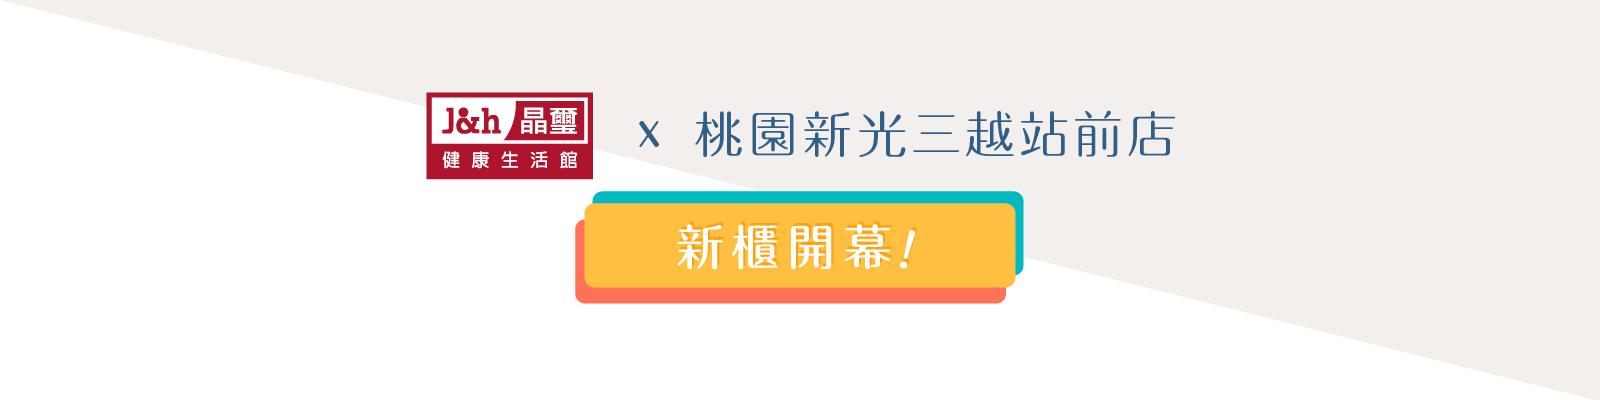 桃園新光三越站前店門市新開幕